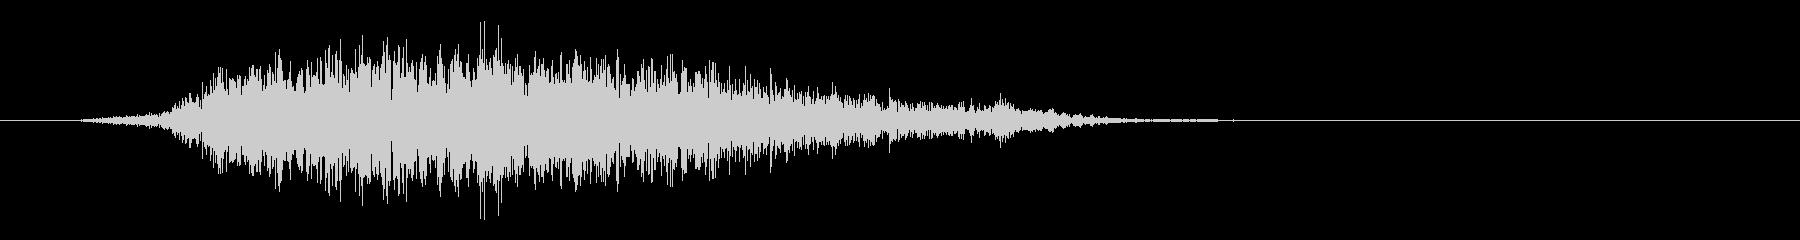 群集 デスクライ01の未再生の波形